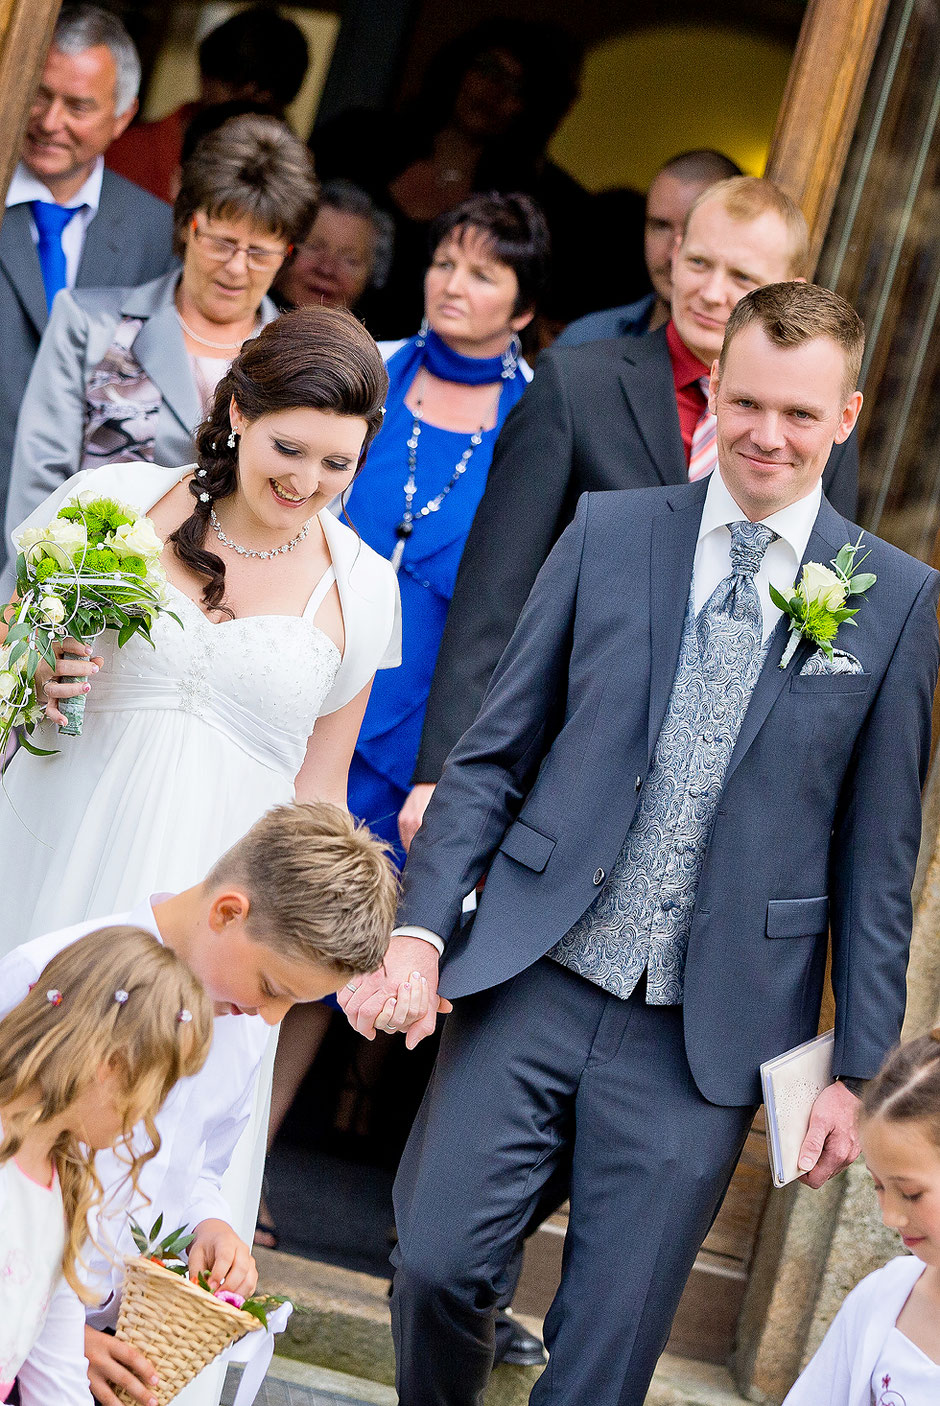 thum Hochzeit, Standesamt thum, fotostudio thum, fotograf thum